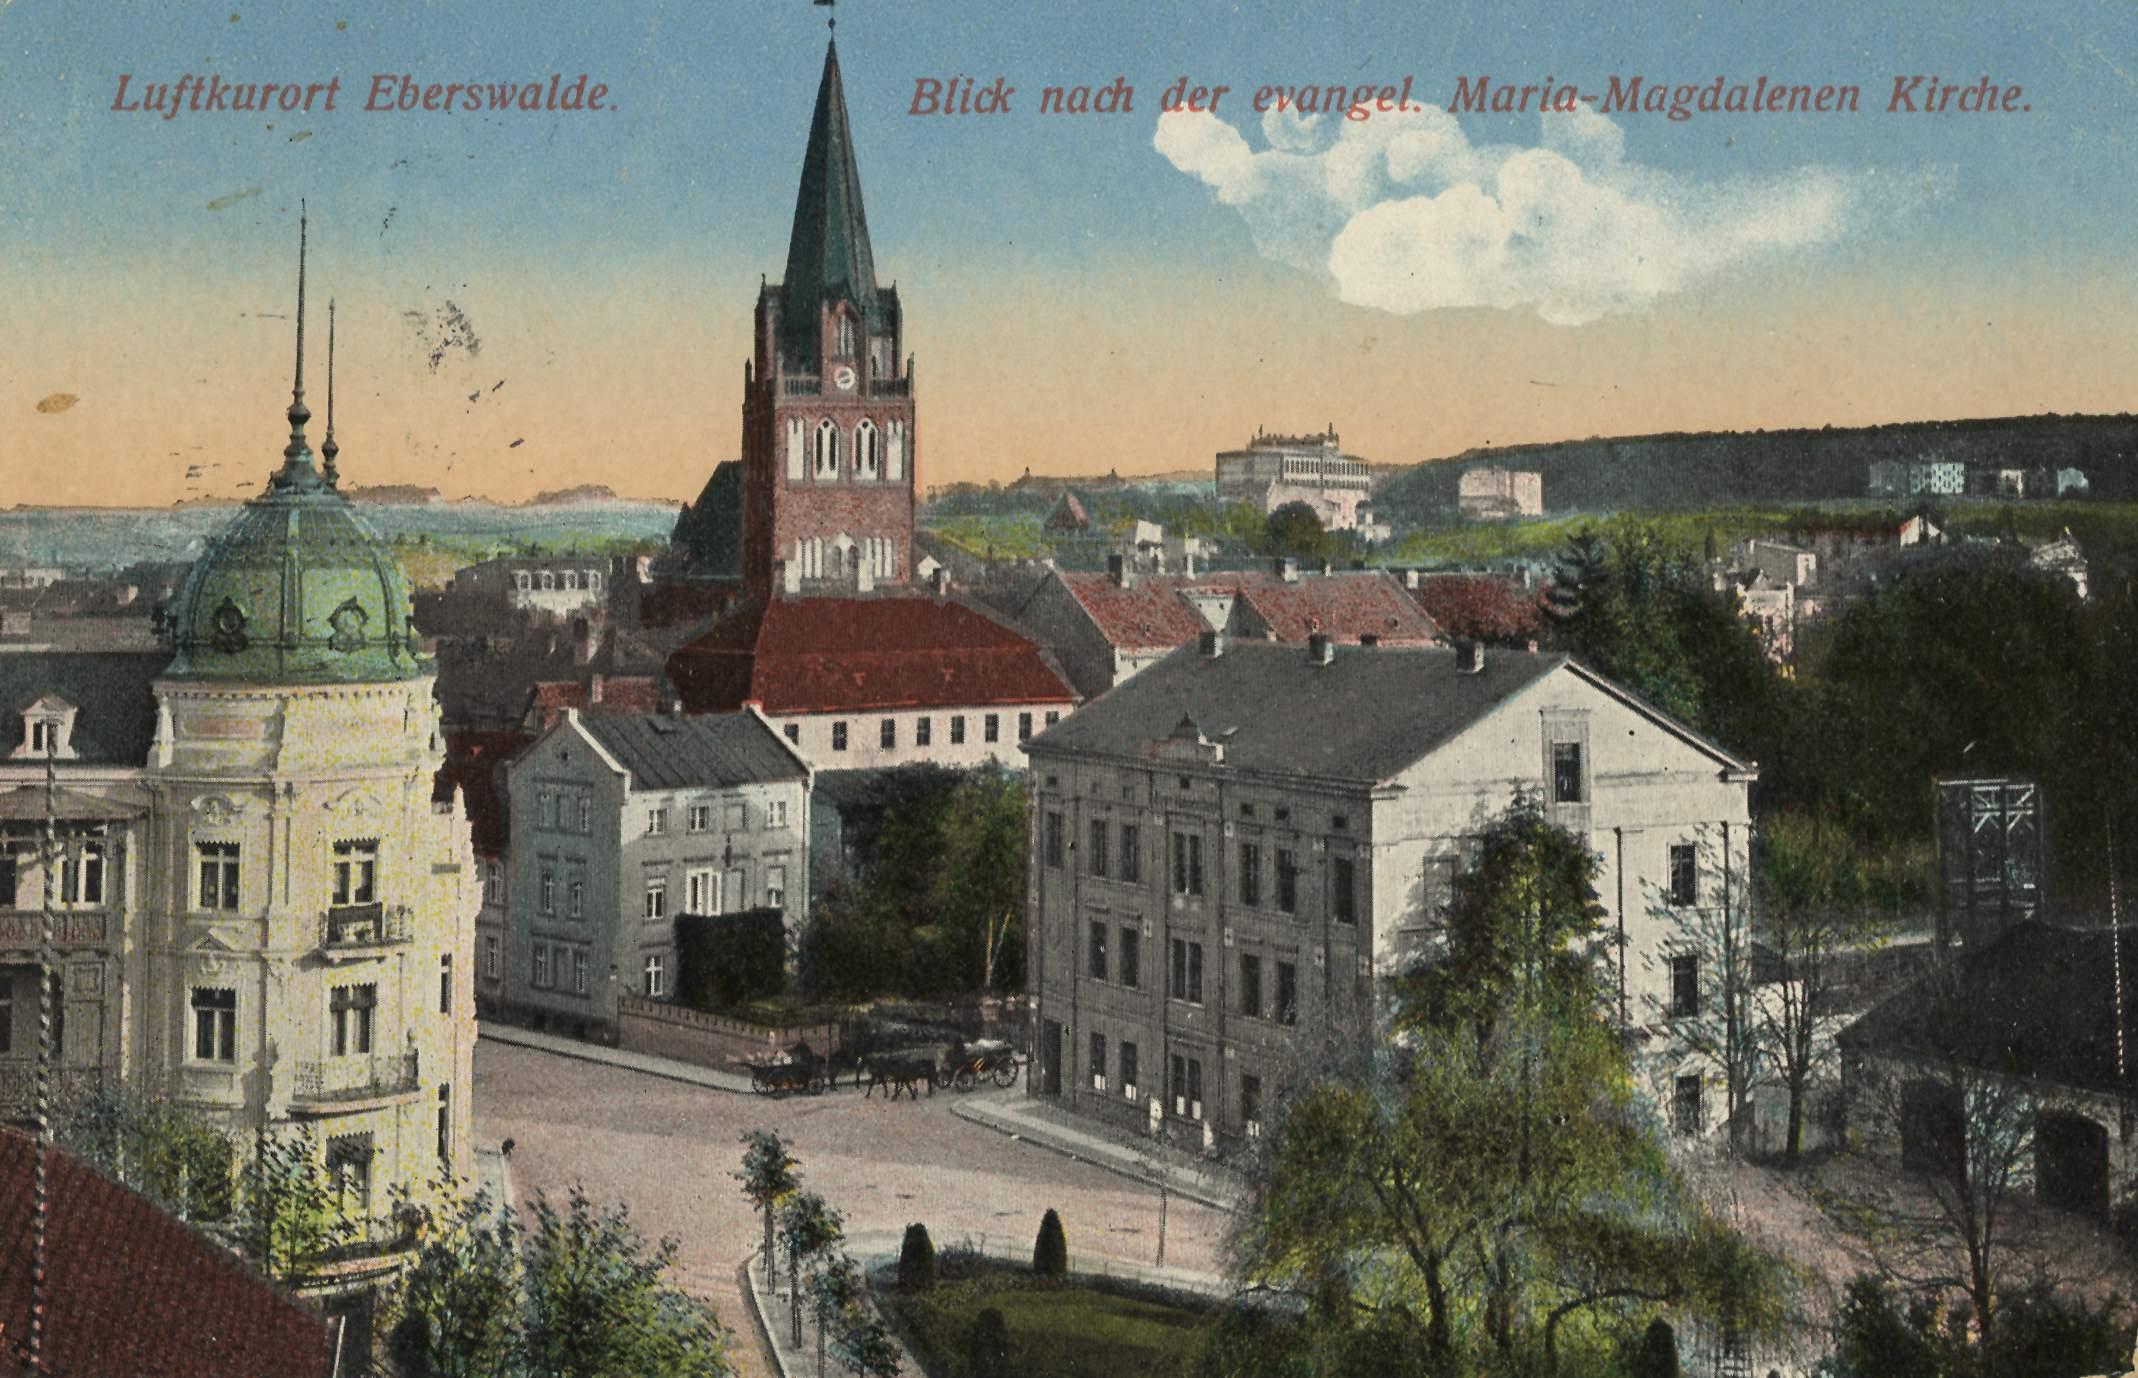 Эберсвальде